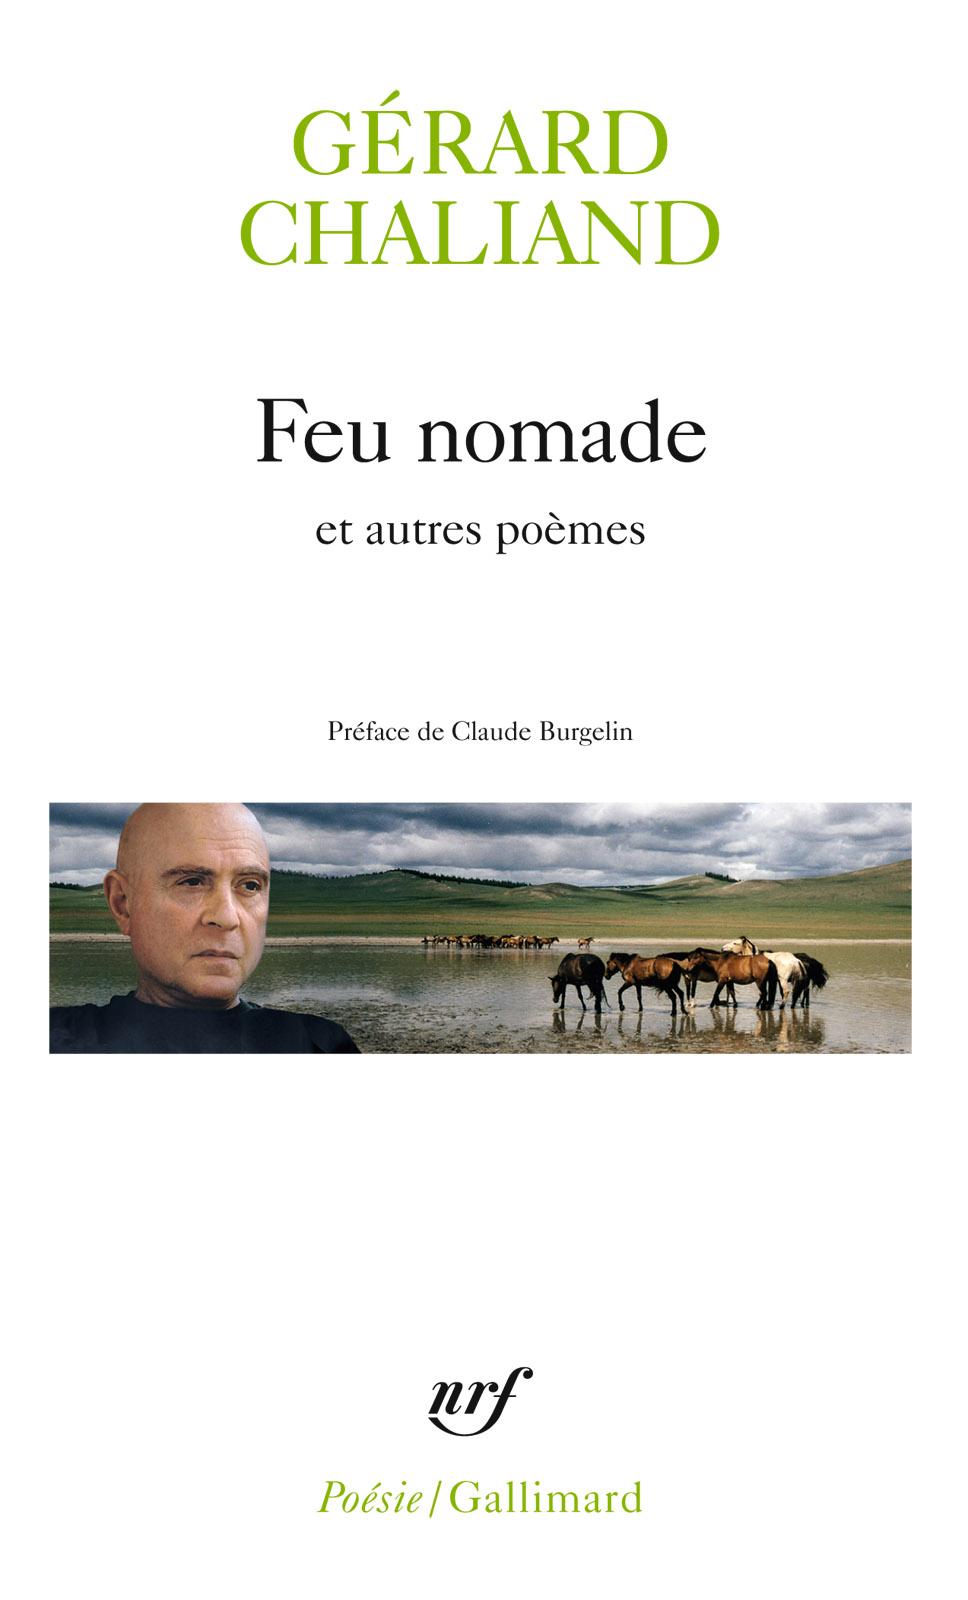 Feu nomade et autres poèmes